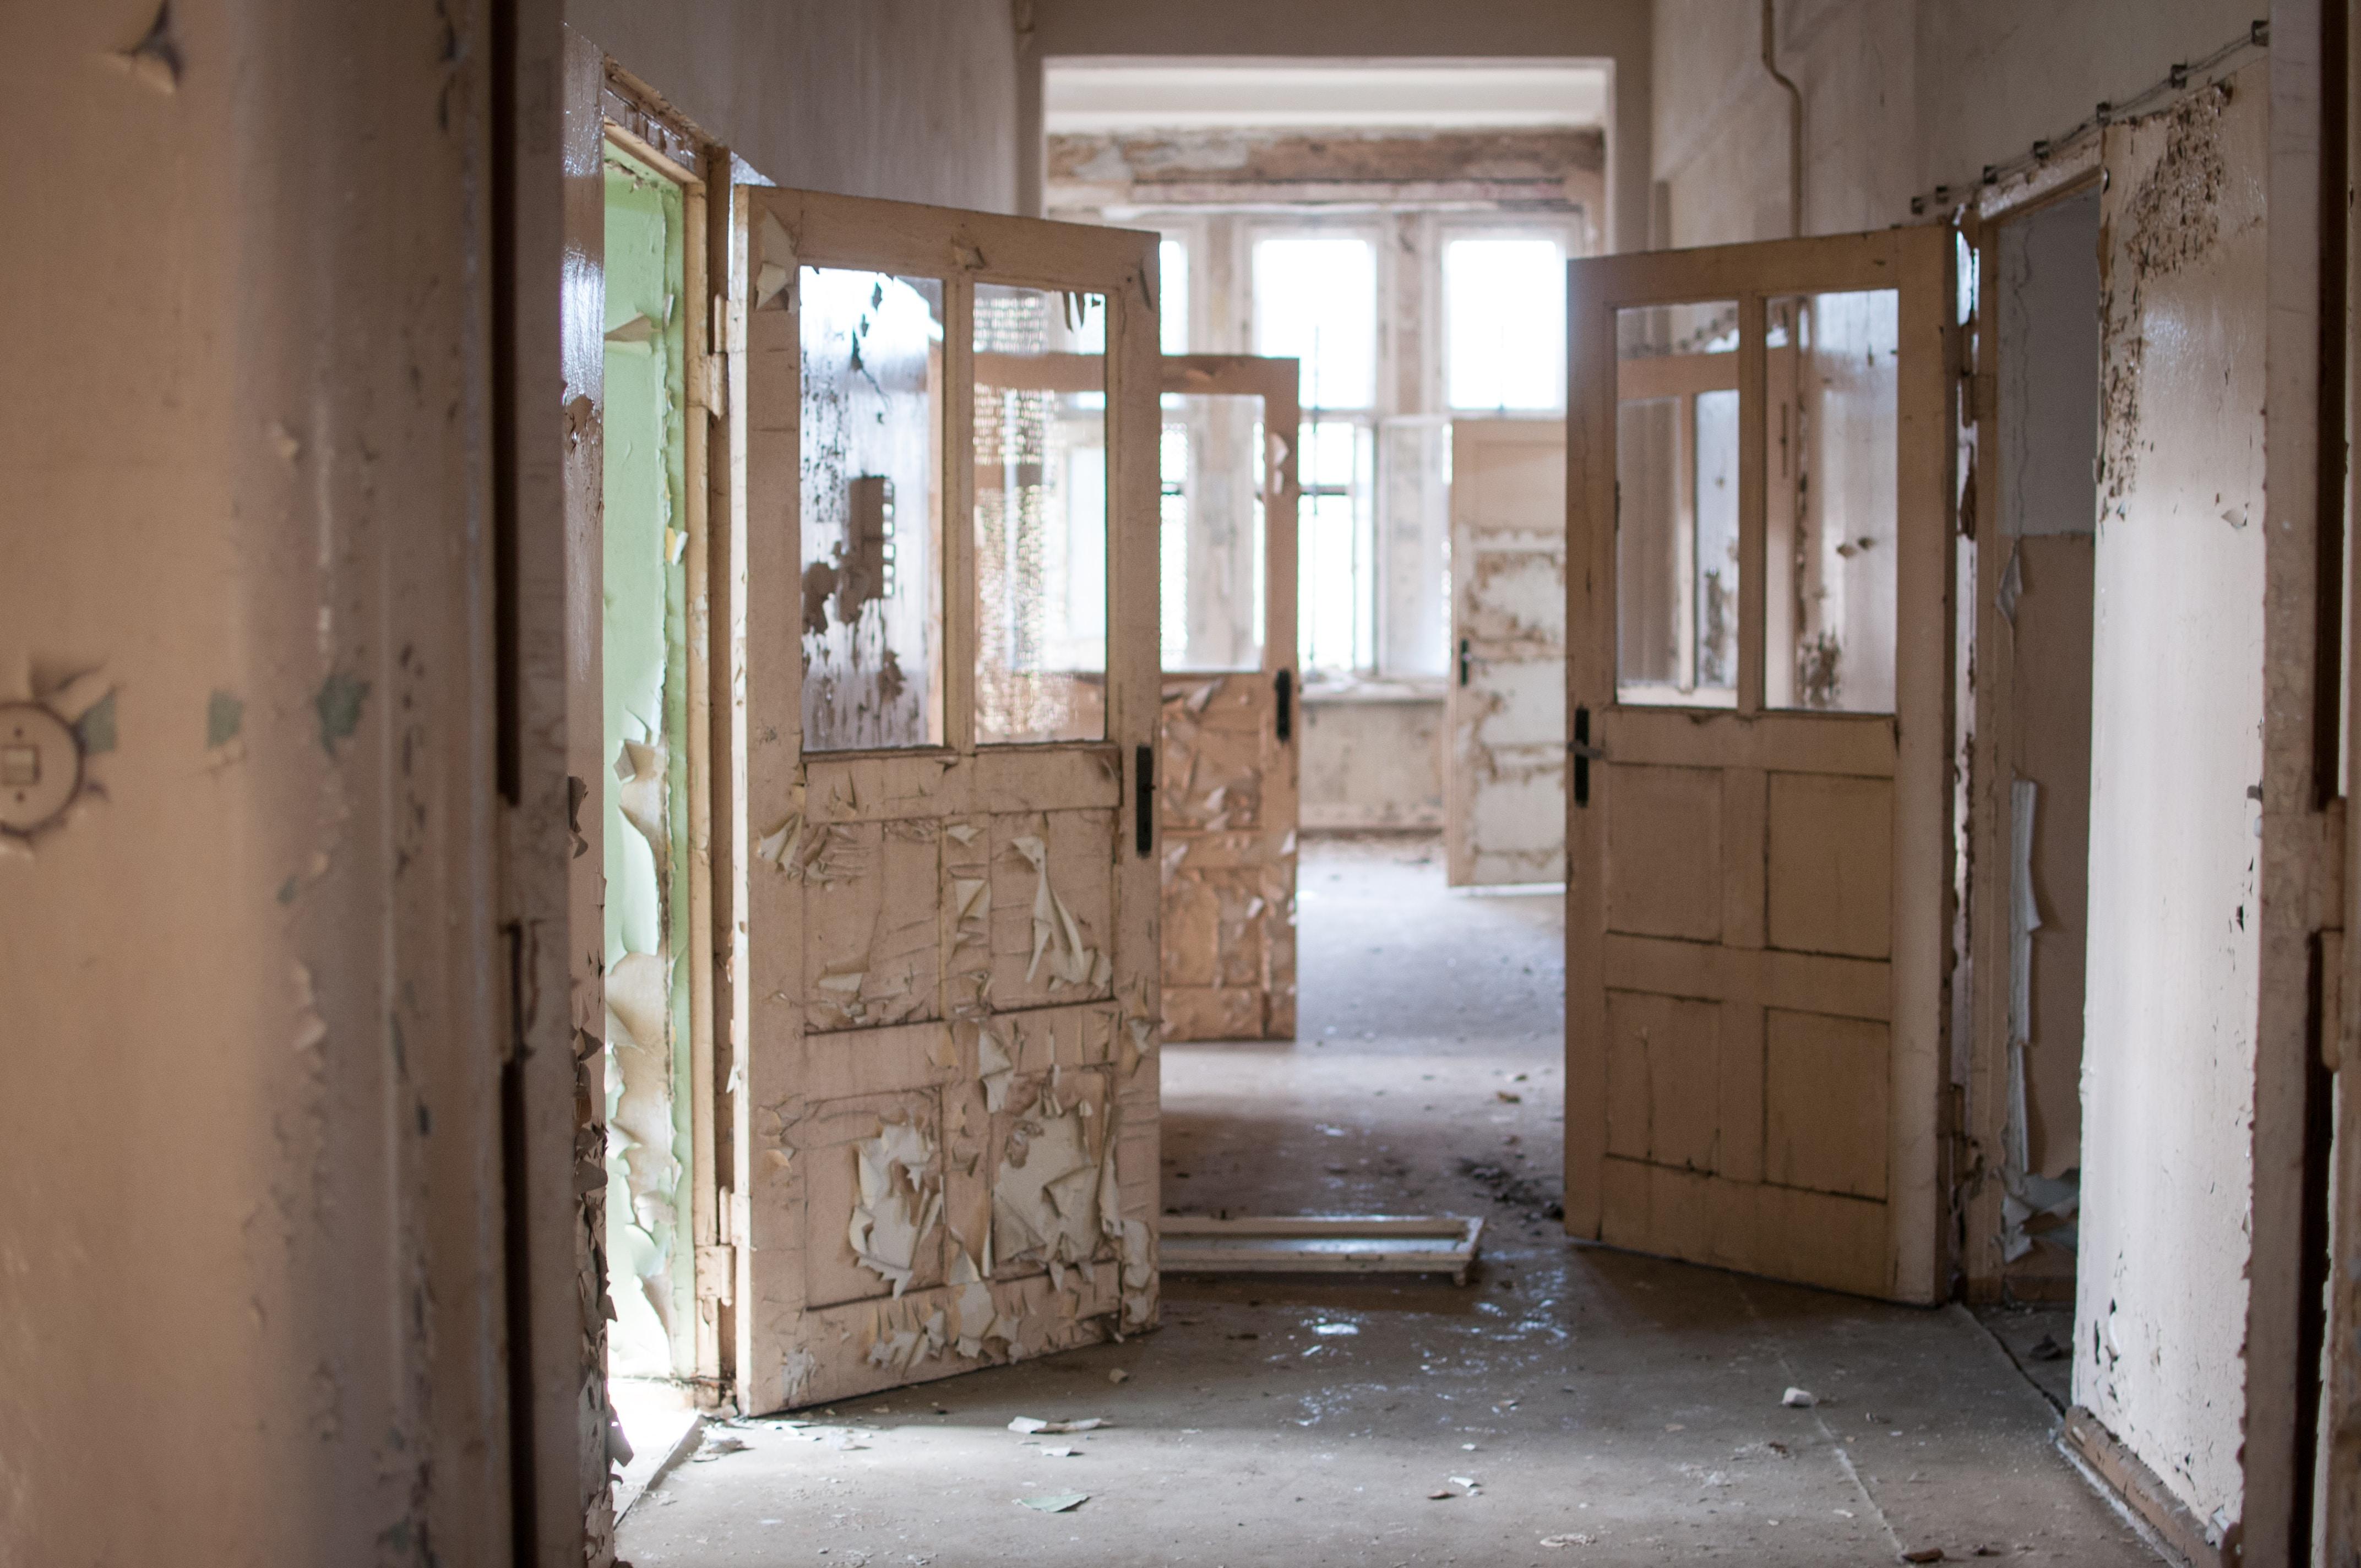 hallway with opened doors